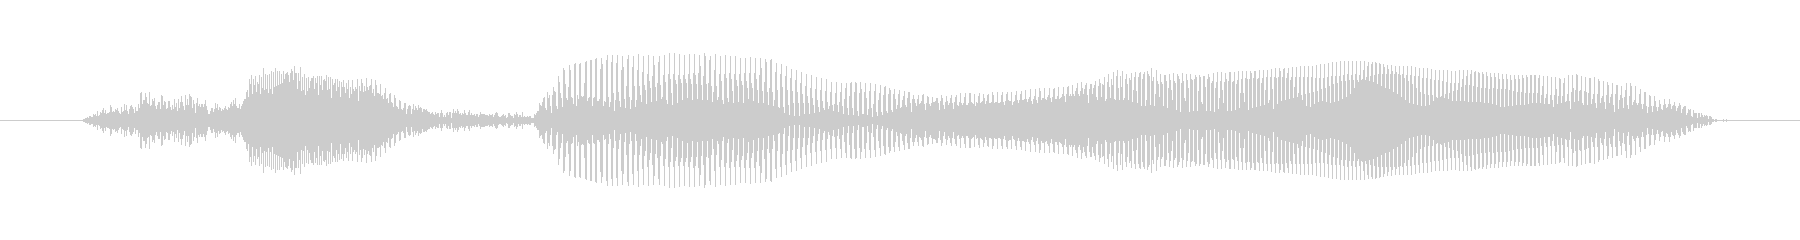 ちがうようの未再生の波形